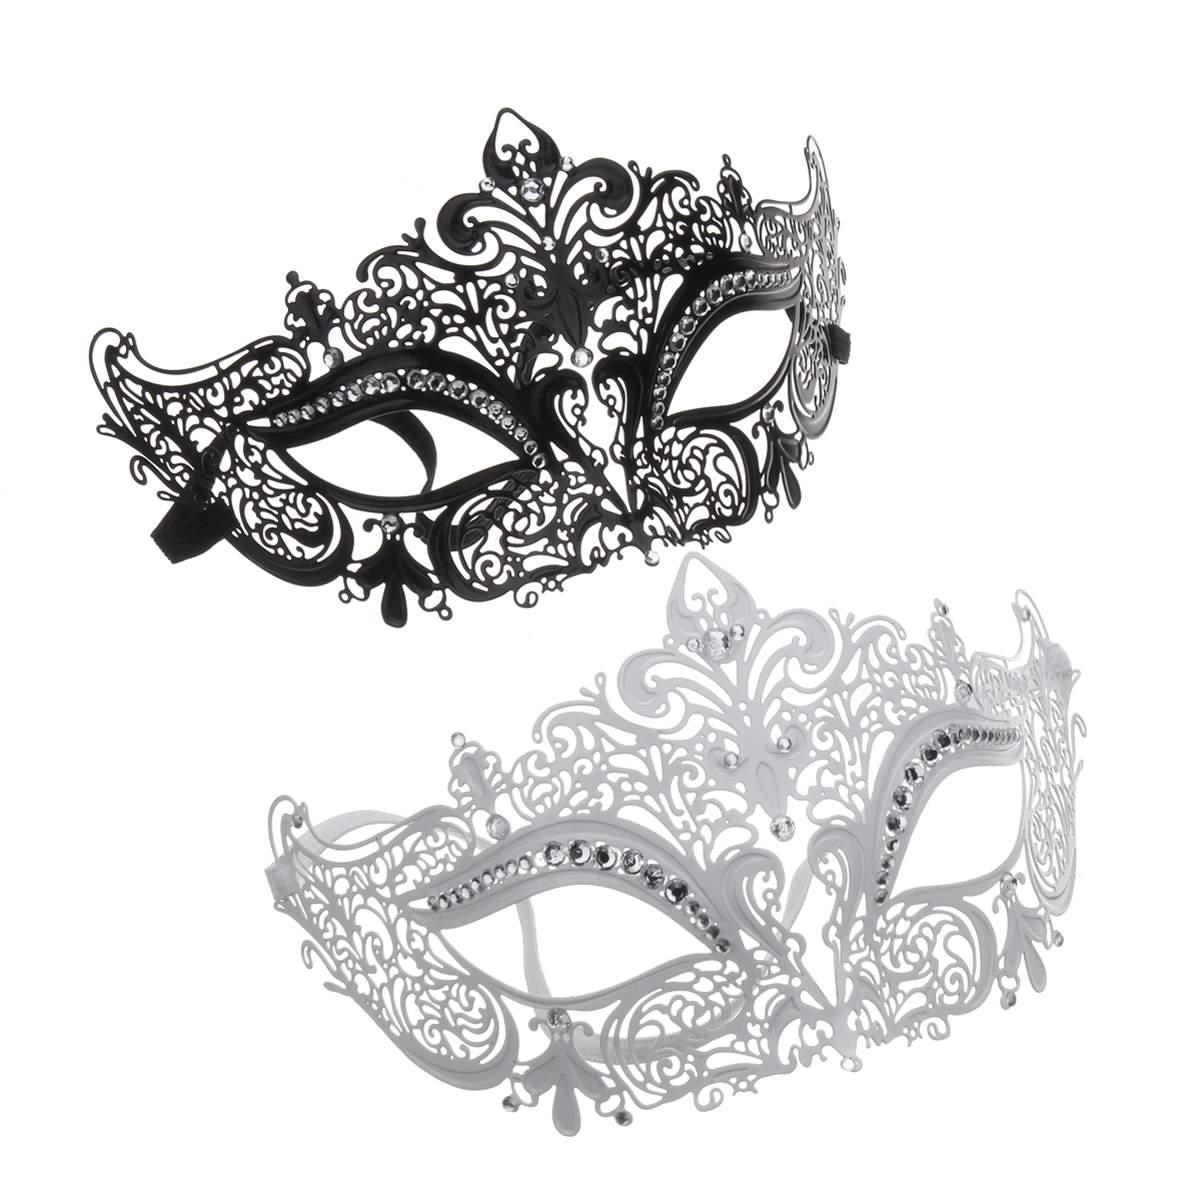 Clear Diamonte Filigree Chic Masquerade// Ball//Prom Venetian Silver Metal Mask #L